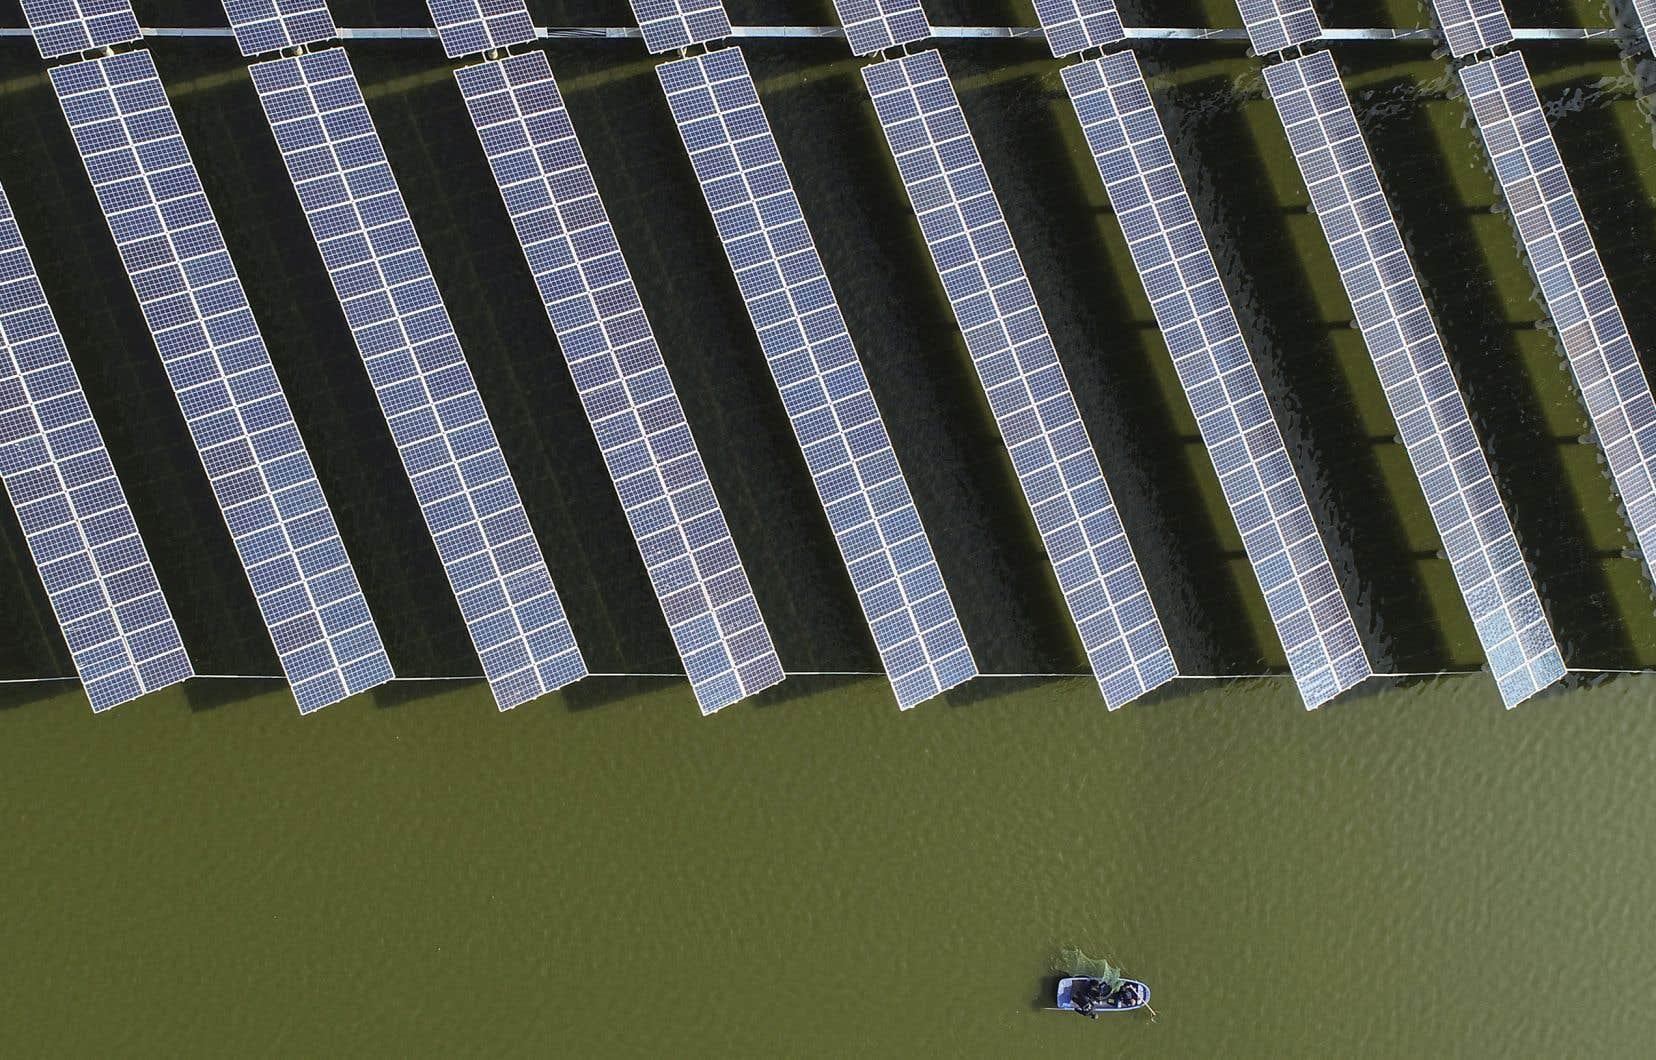 Si la Chine développe très rapidement sa capacité de production d'énergie propre, elle investit toujours dans le développement de centrales au charbon, le pire combustible fossile possible. Sur cette photo: des panneaux solaires côtoient un étang de pisciculture dans la province du Jiangsu, en Chine.